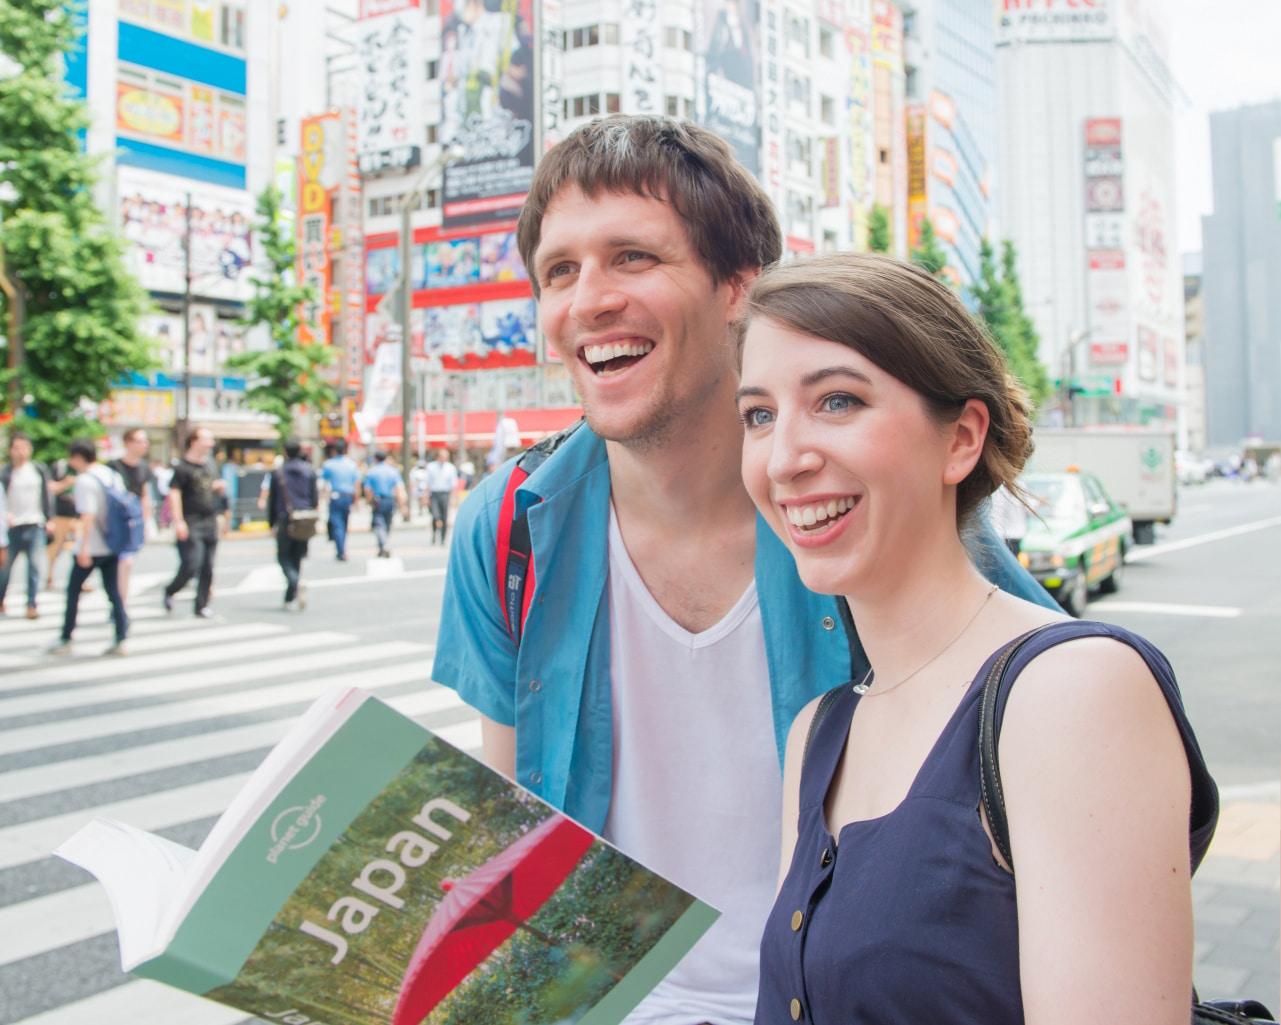 東京オリンピックで日本に訪れた外国人観光客